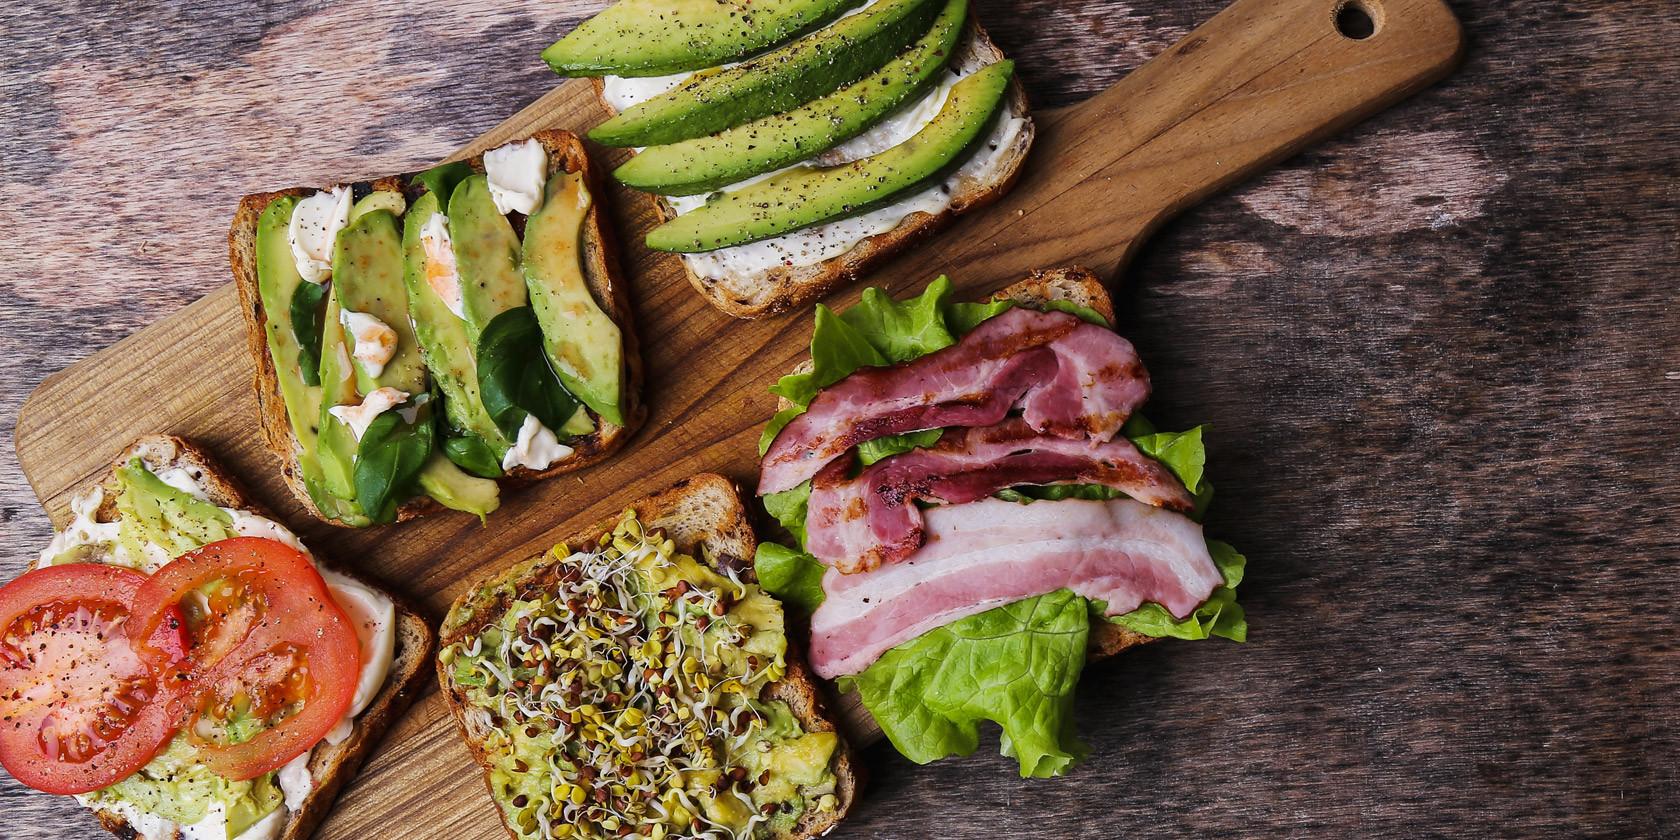 avocado ernaehrung gesund